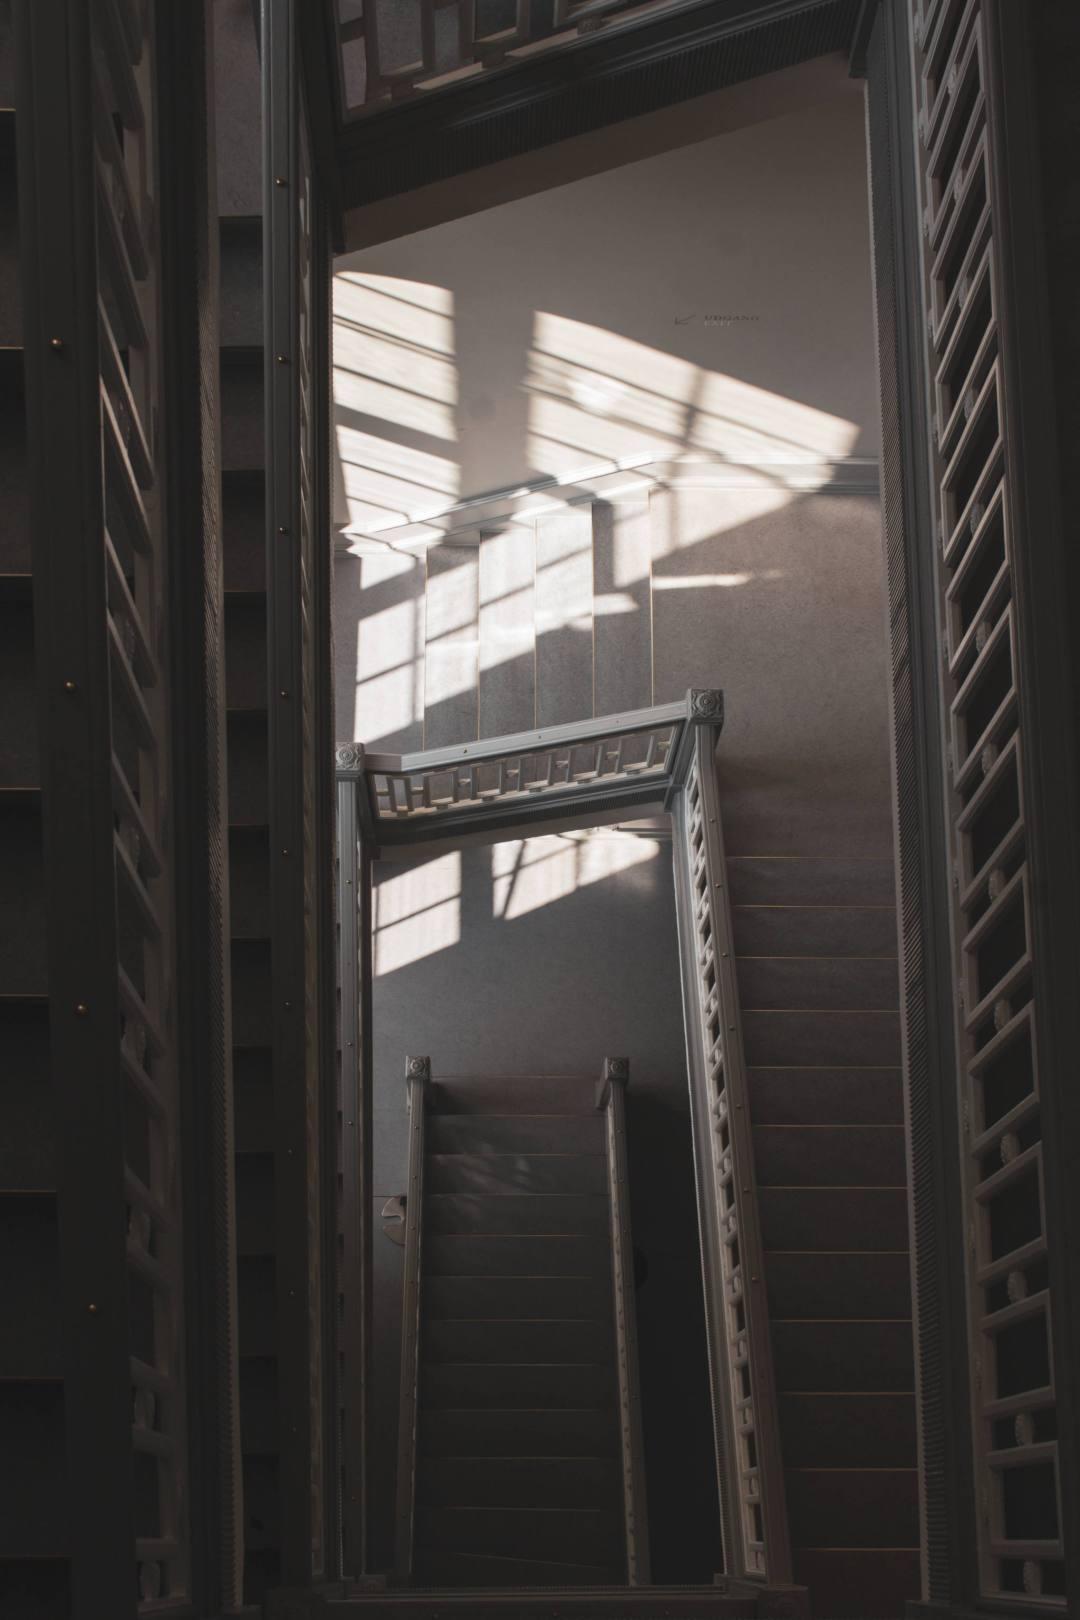 Sunlight illuminates dark staircase in palace tower